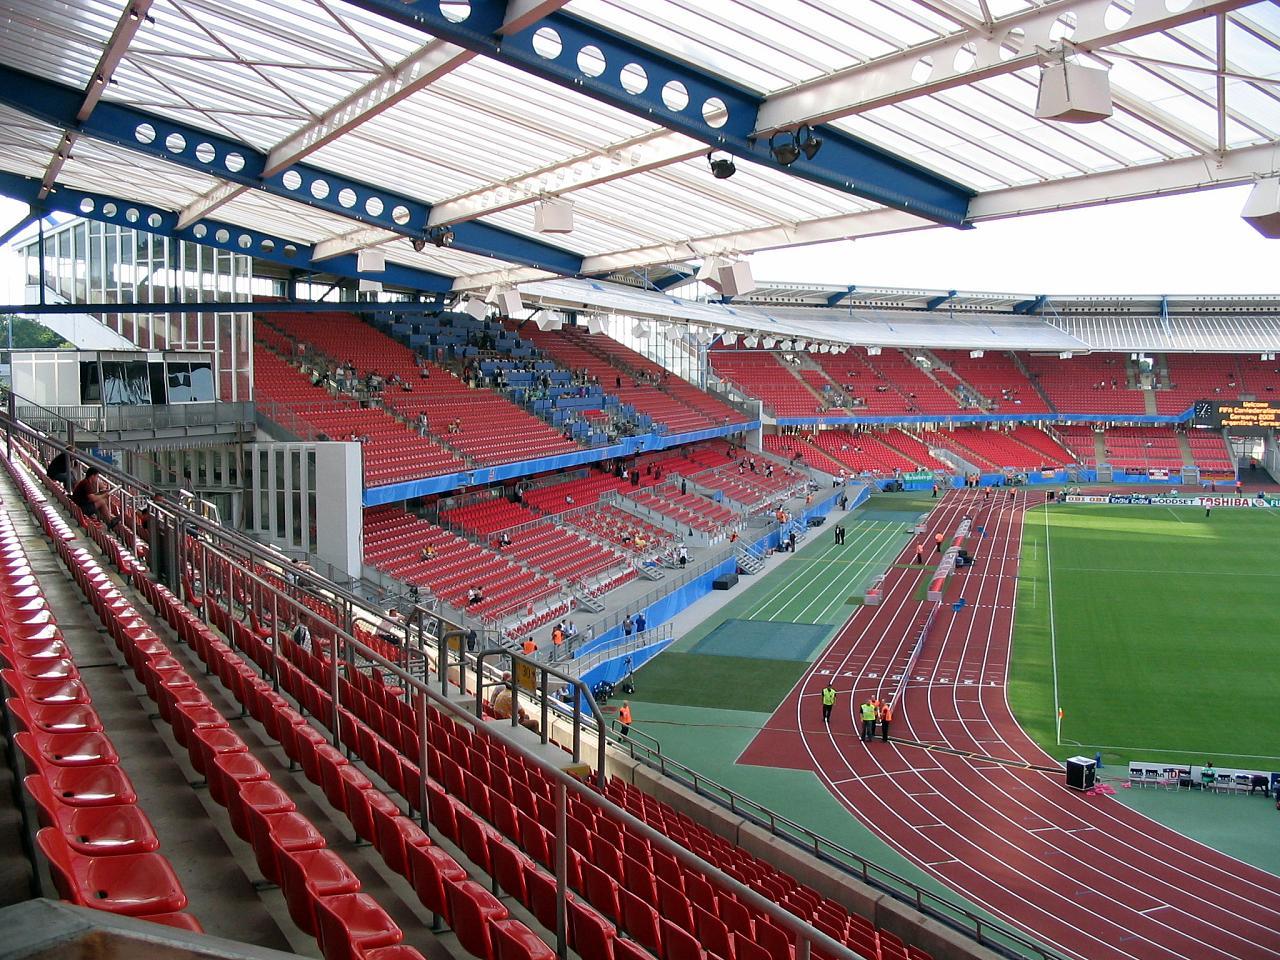 Nürnberg Grundig Stadion